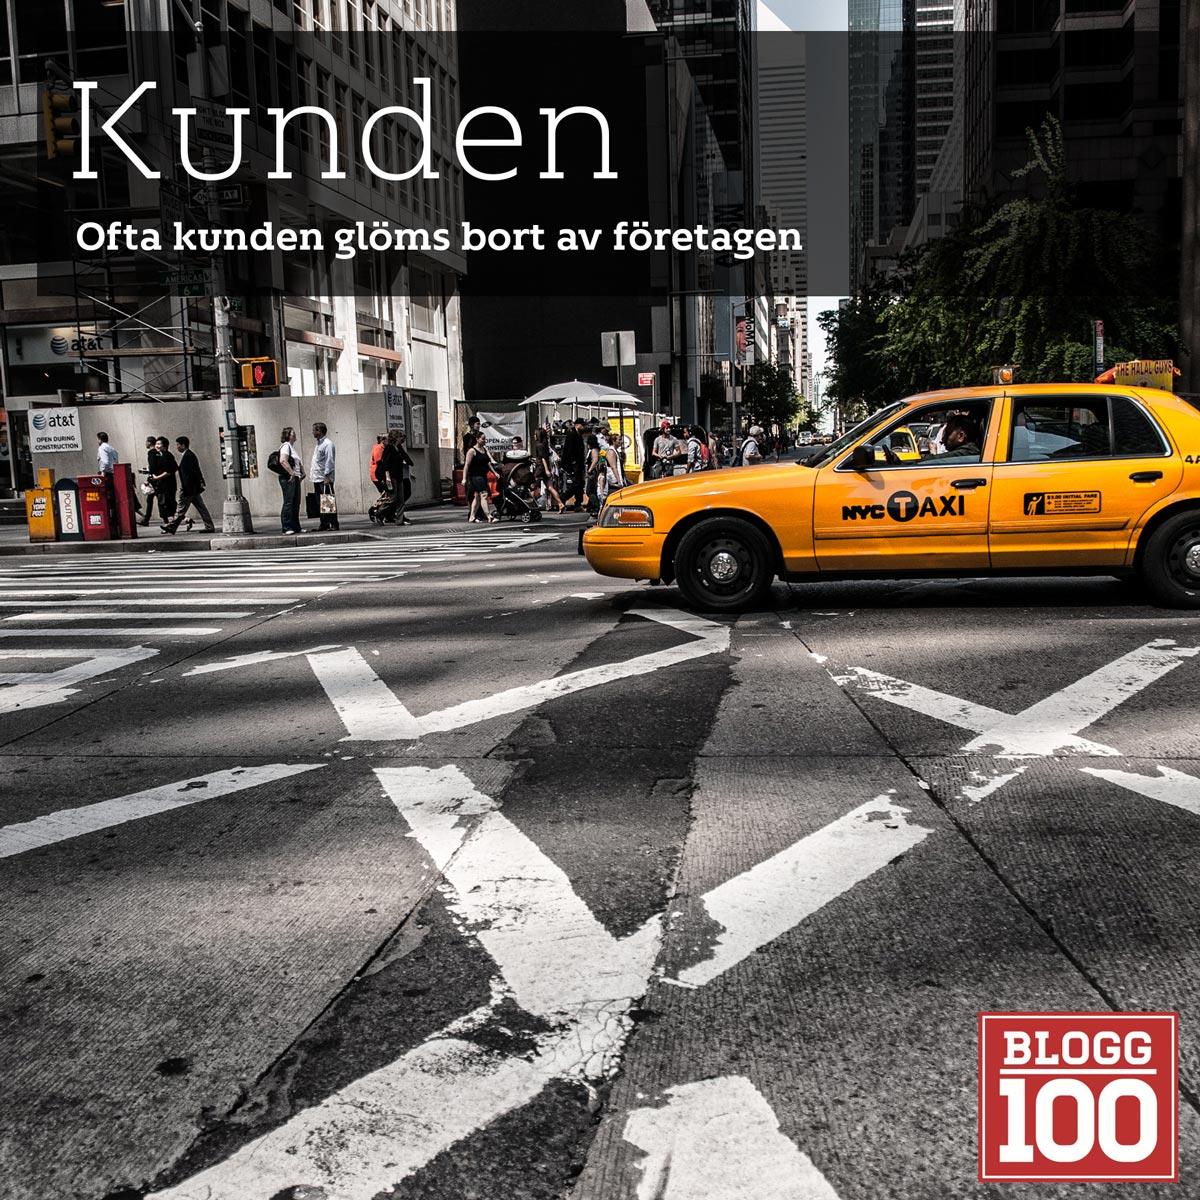 Kunden är grunden till affären #surkund #blogg100 #fb